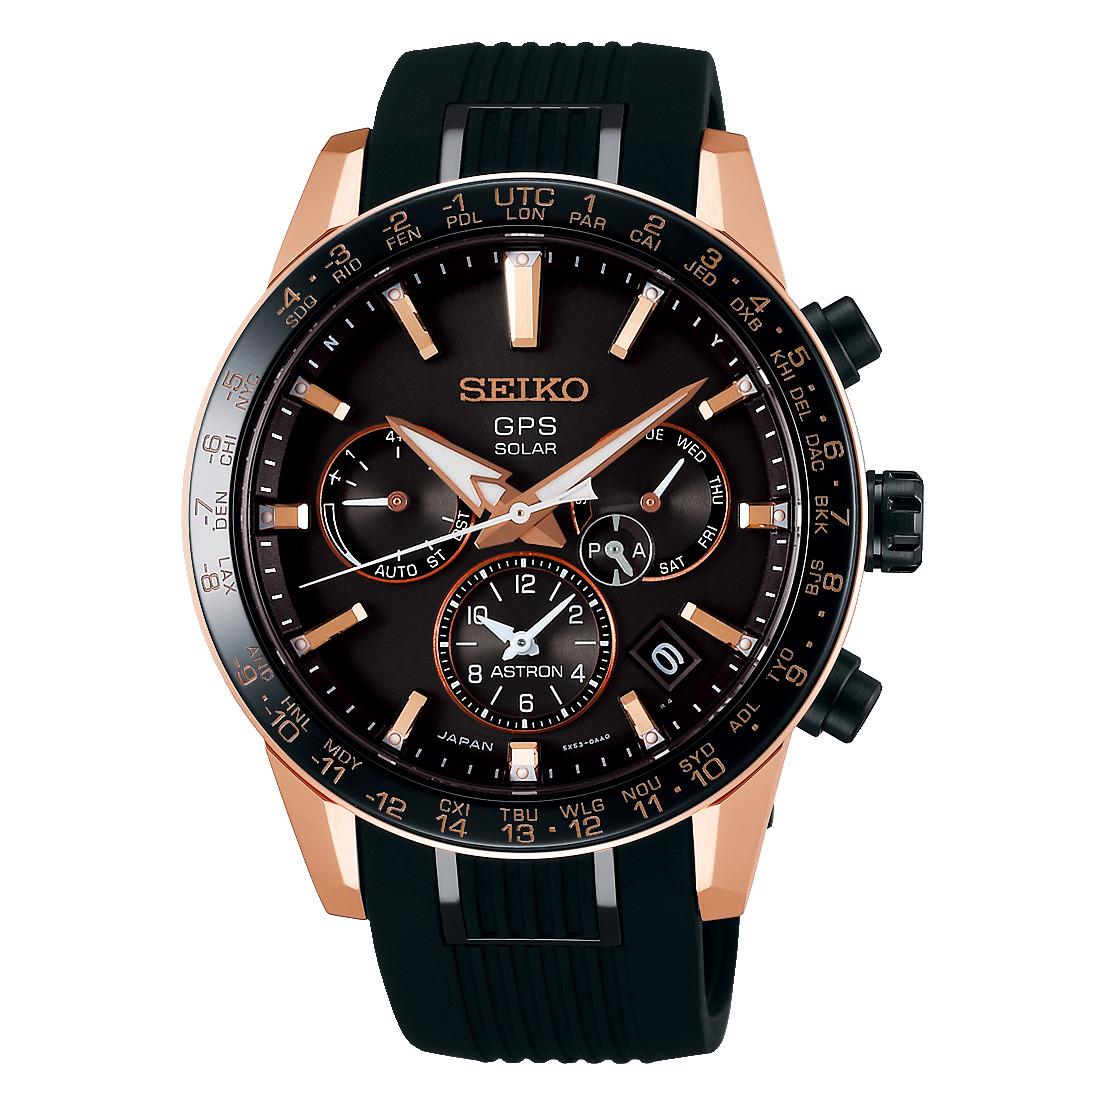 正規品 SEIKO セイコー ASTRON アストロン SBXC006 5xシリーズ 腕時計